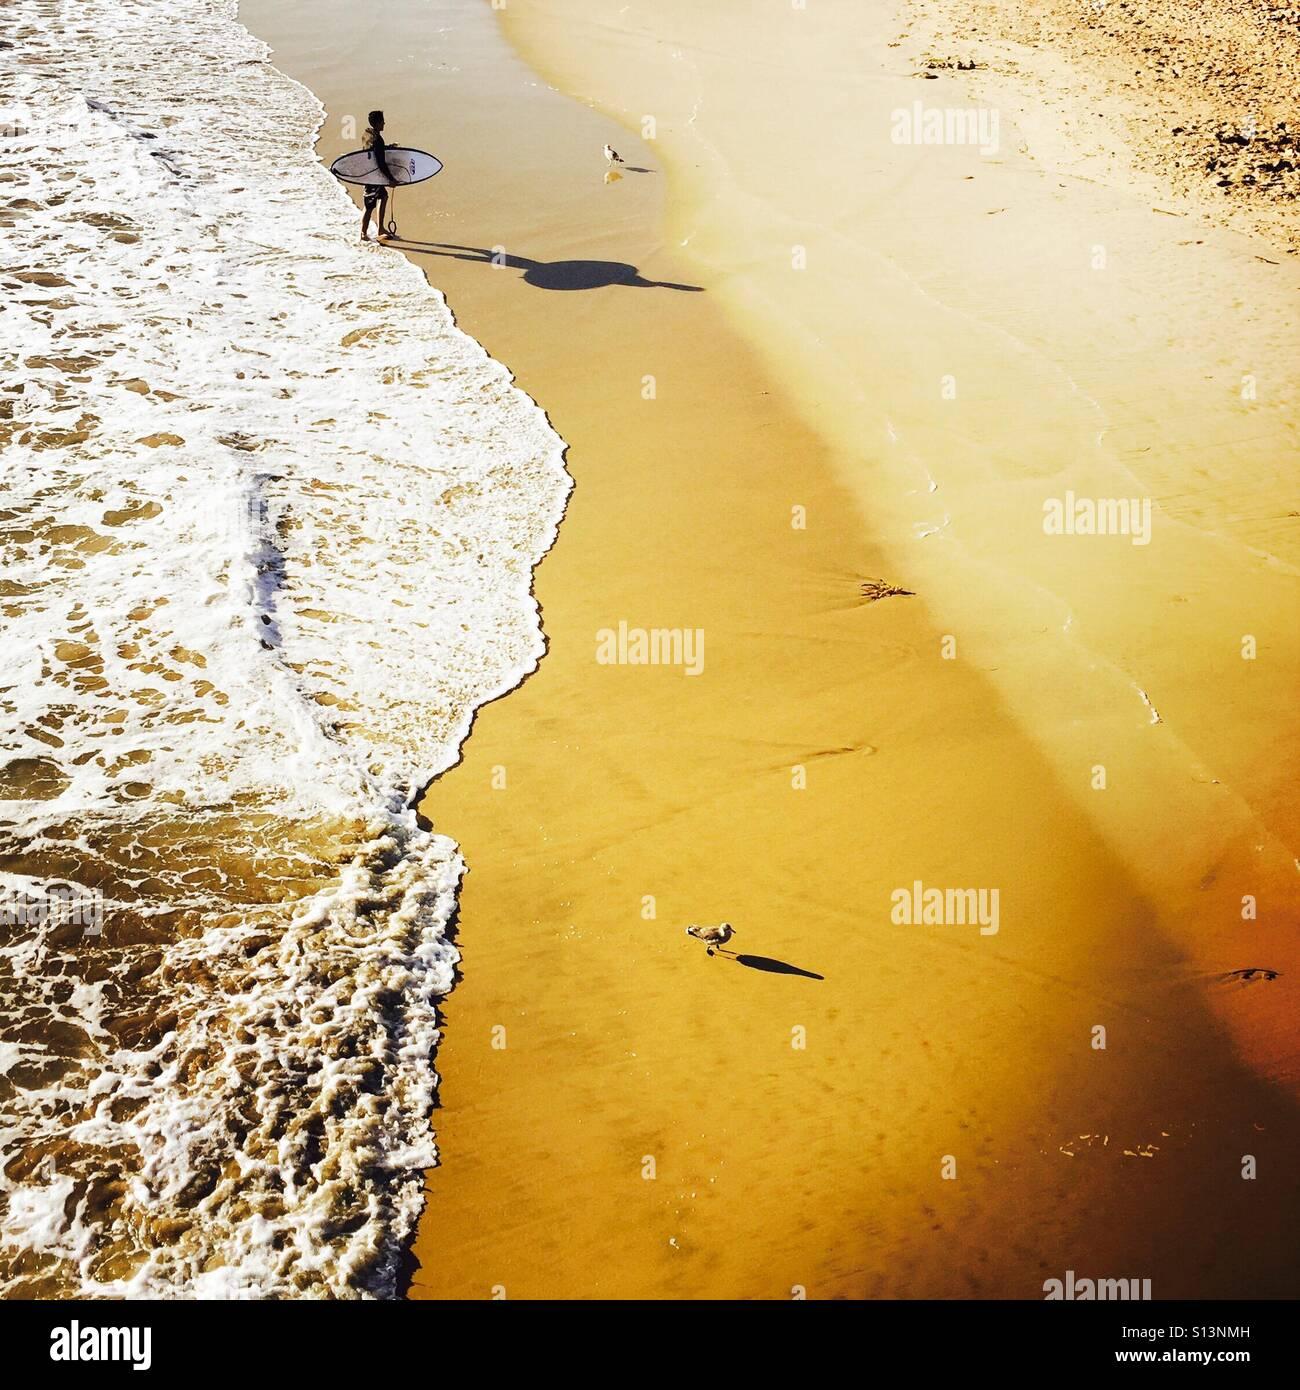 Un surfista maschio passeggiate fino alla spiaggia dopo la navigazione. Manhattan Beach, California USA. Immagini Stock